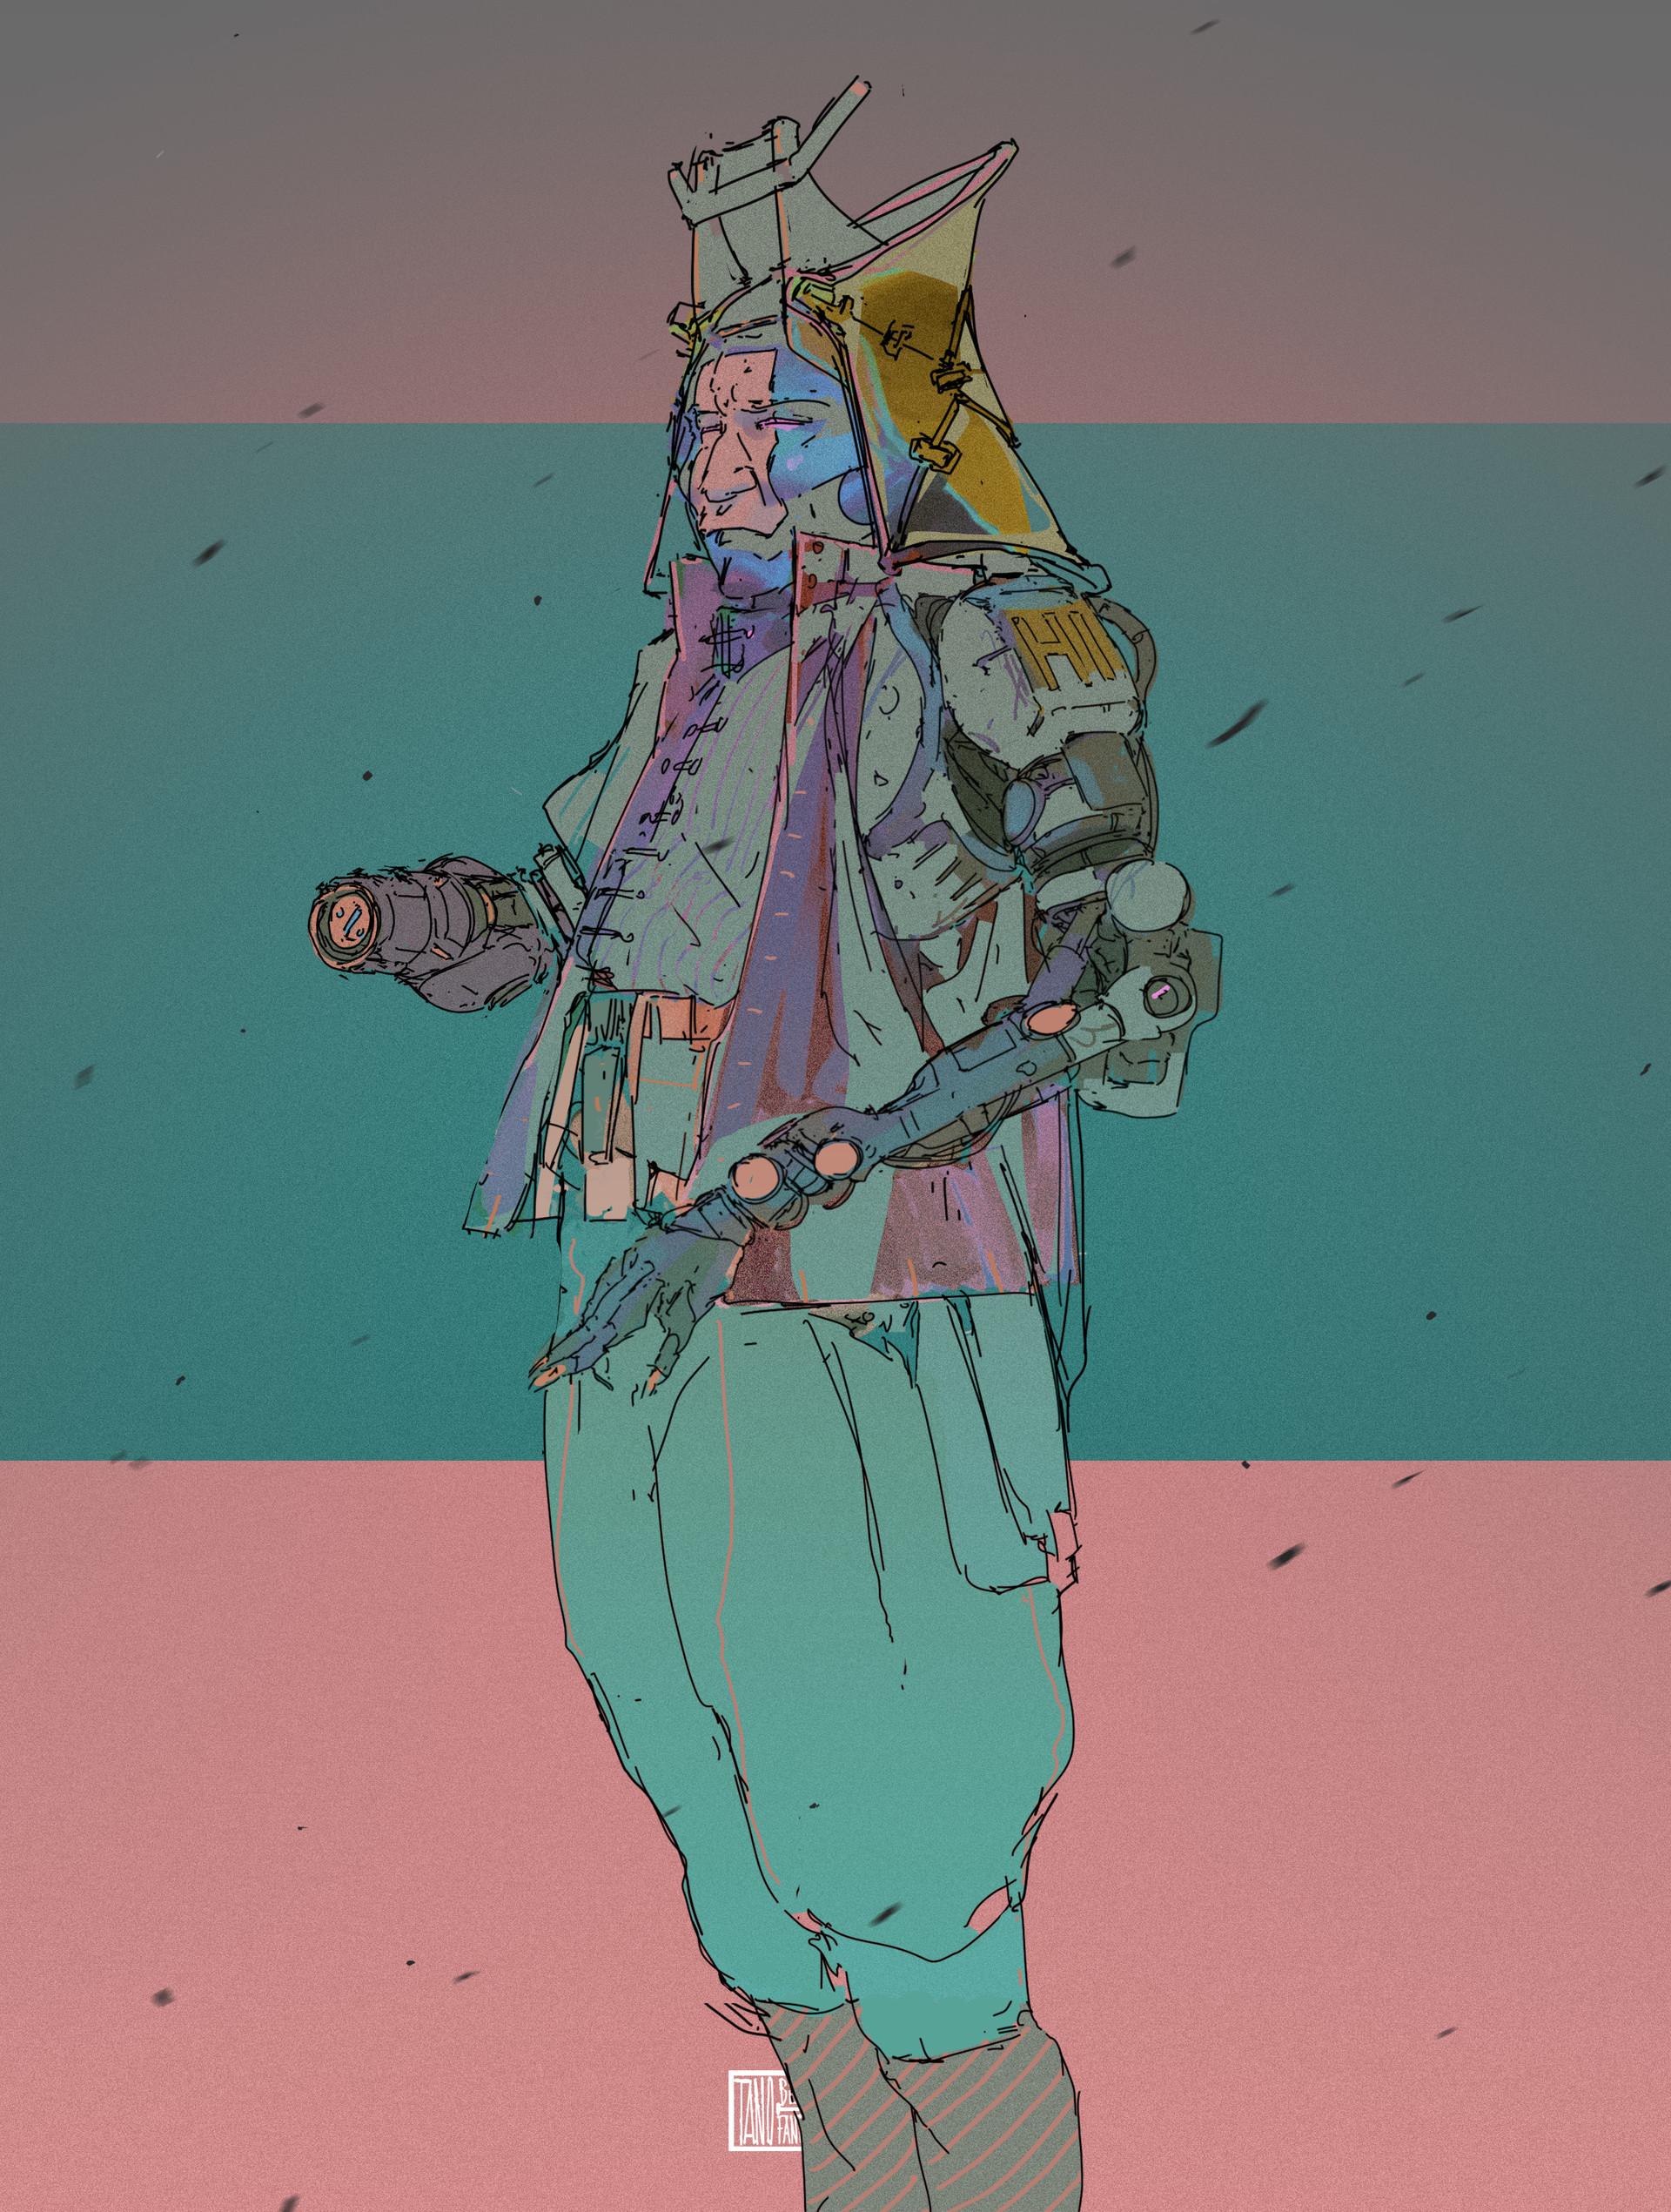 Tano bonfanti sketch